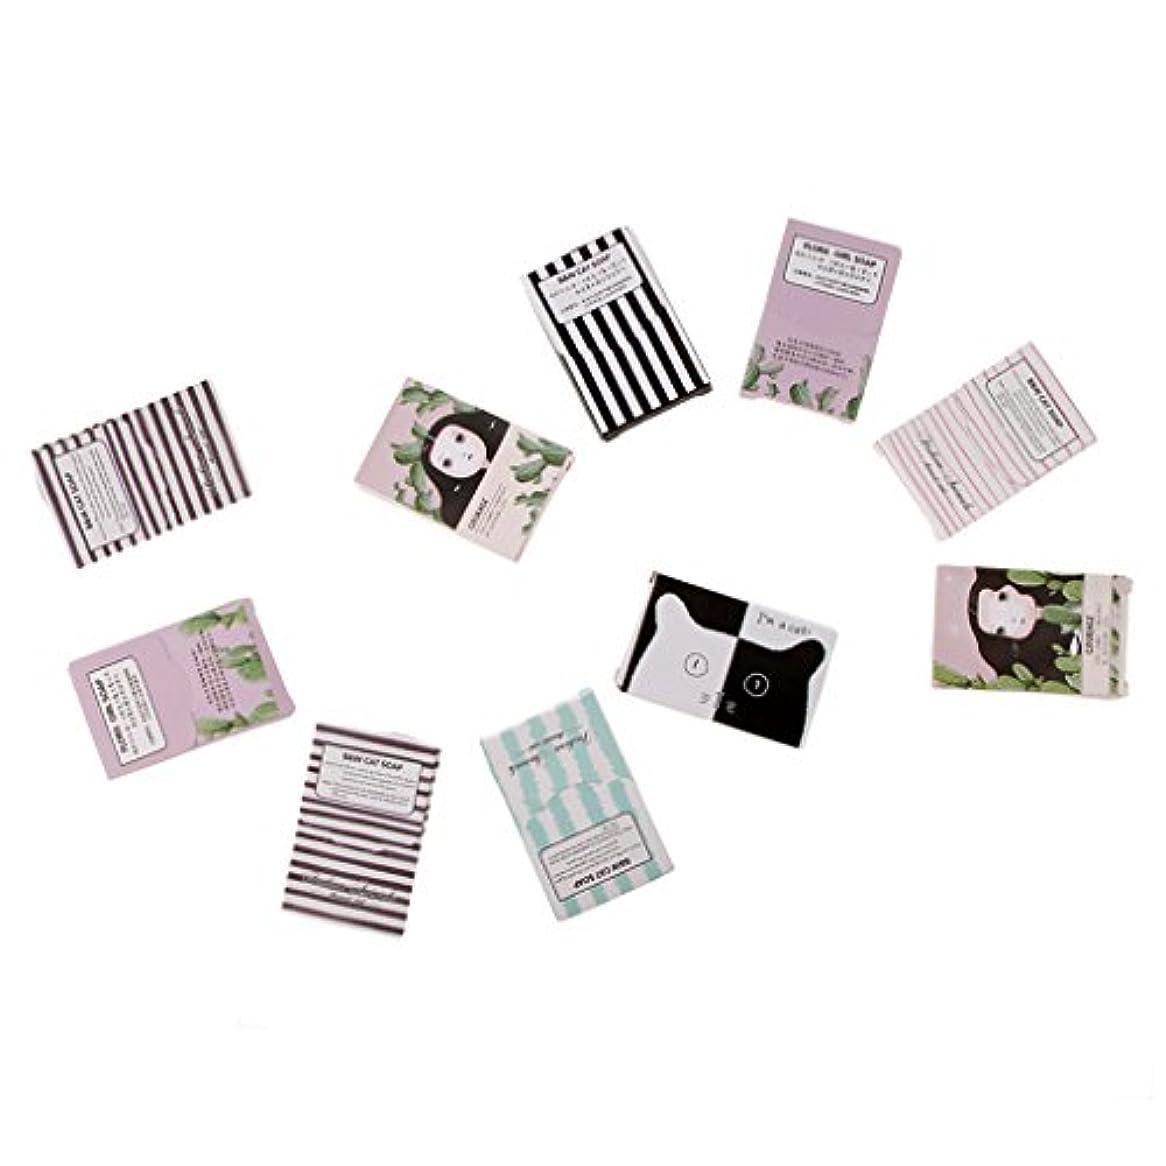 増強するお父さん修理可能石鹸シート 手洗い 石鹸フレーク キャン プアウトドア 旅行紙 約150枚